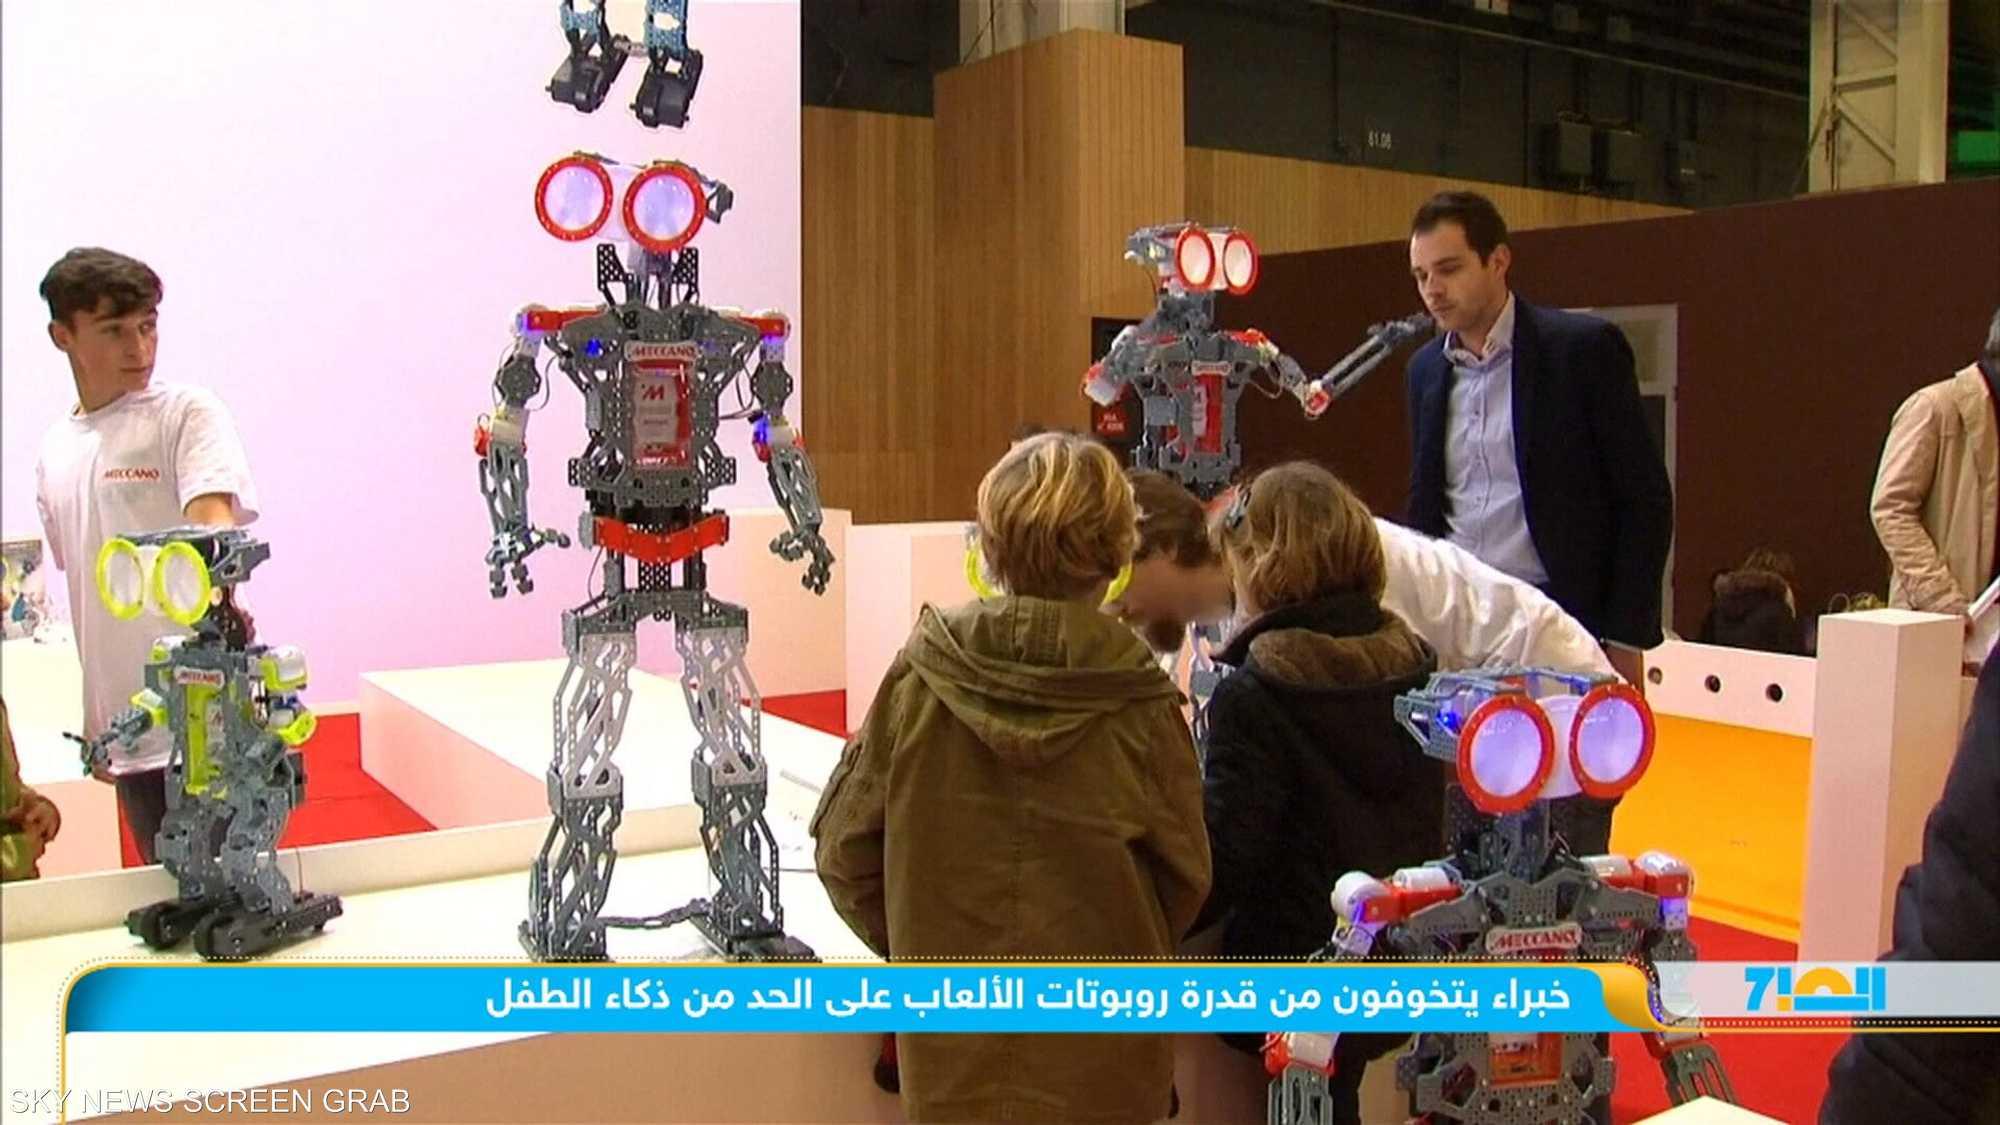 انتشار واسع لروبوتات قادرة على المنافسة في عدة ألعاب.